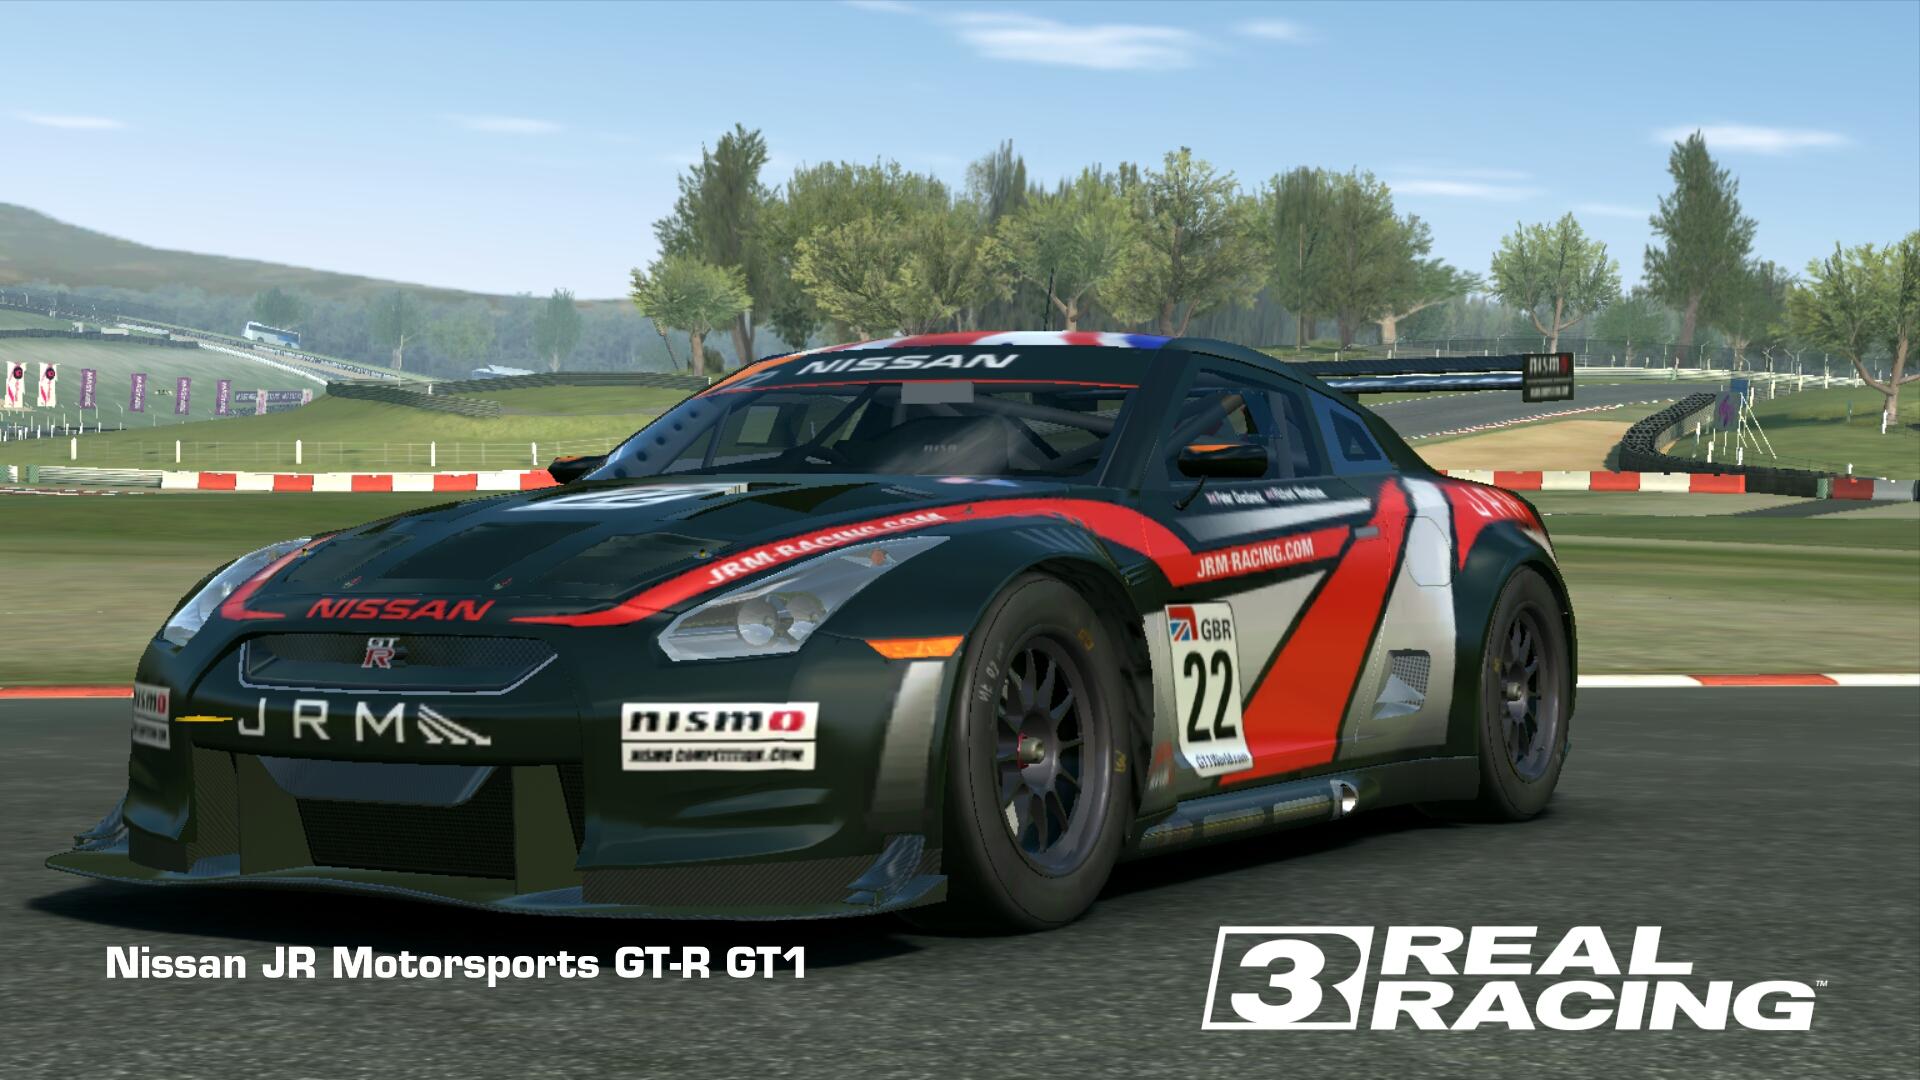 Showcase Nissan JR Motorsports GT-R GT1